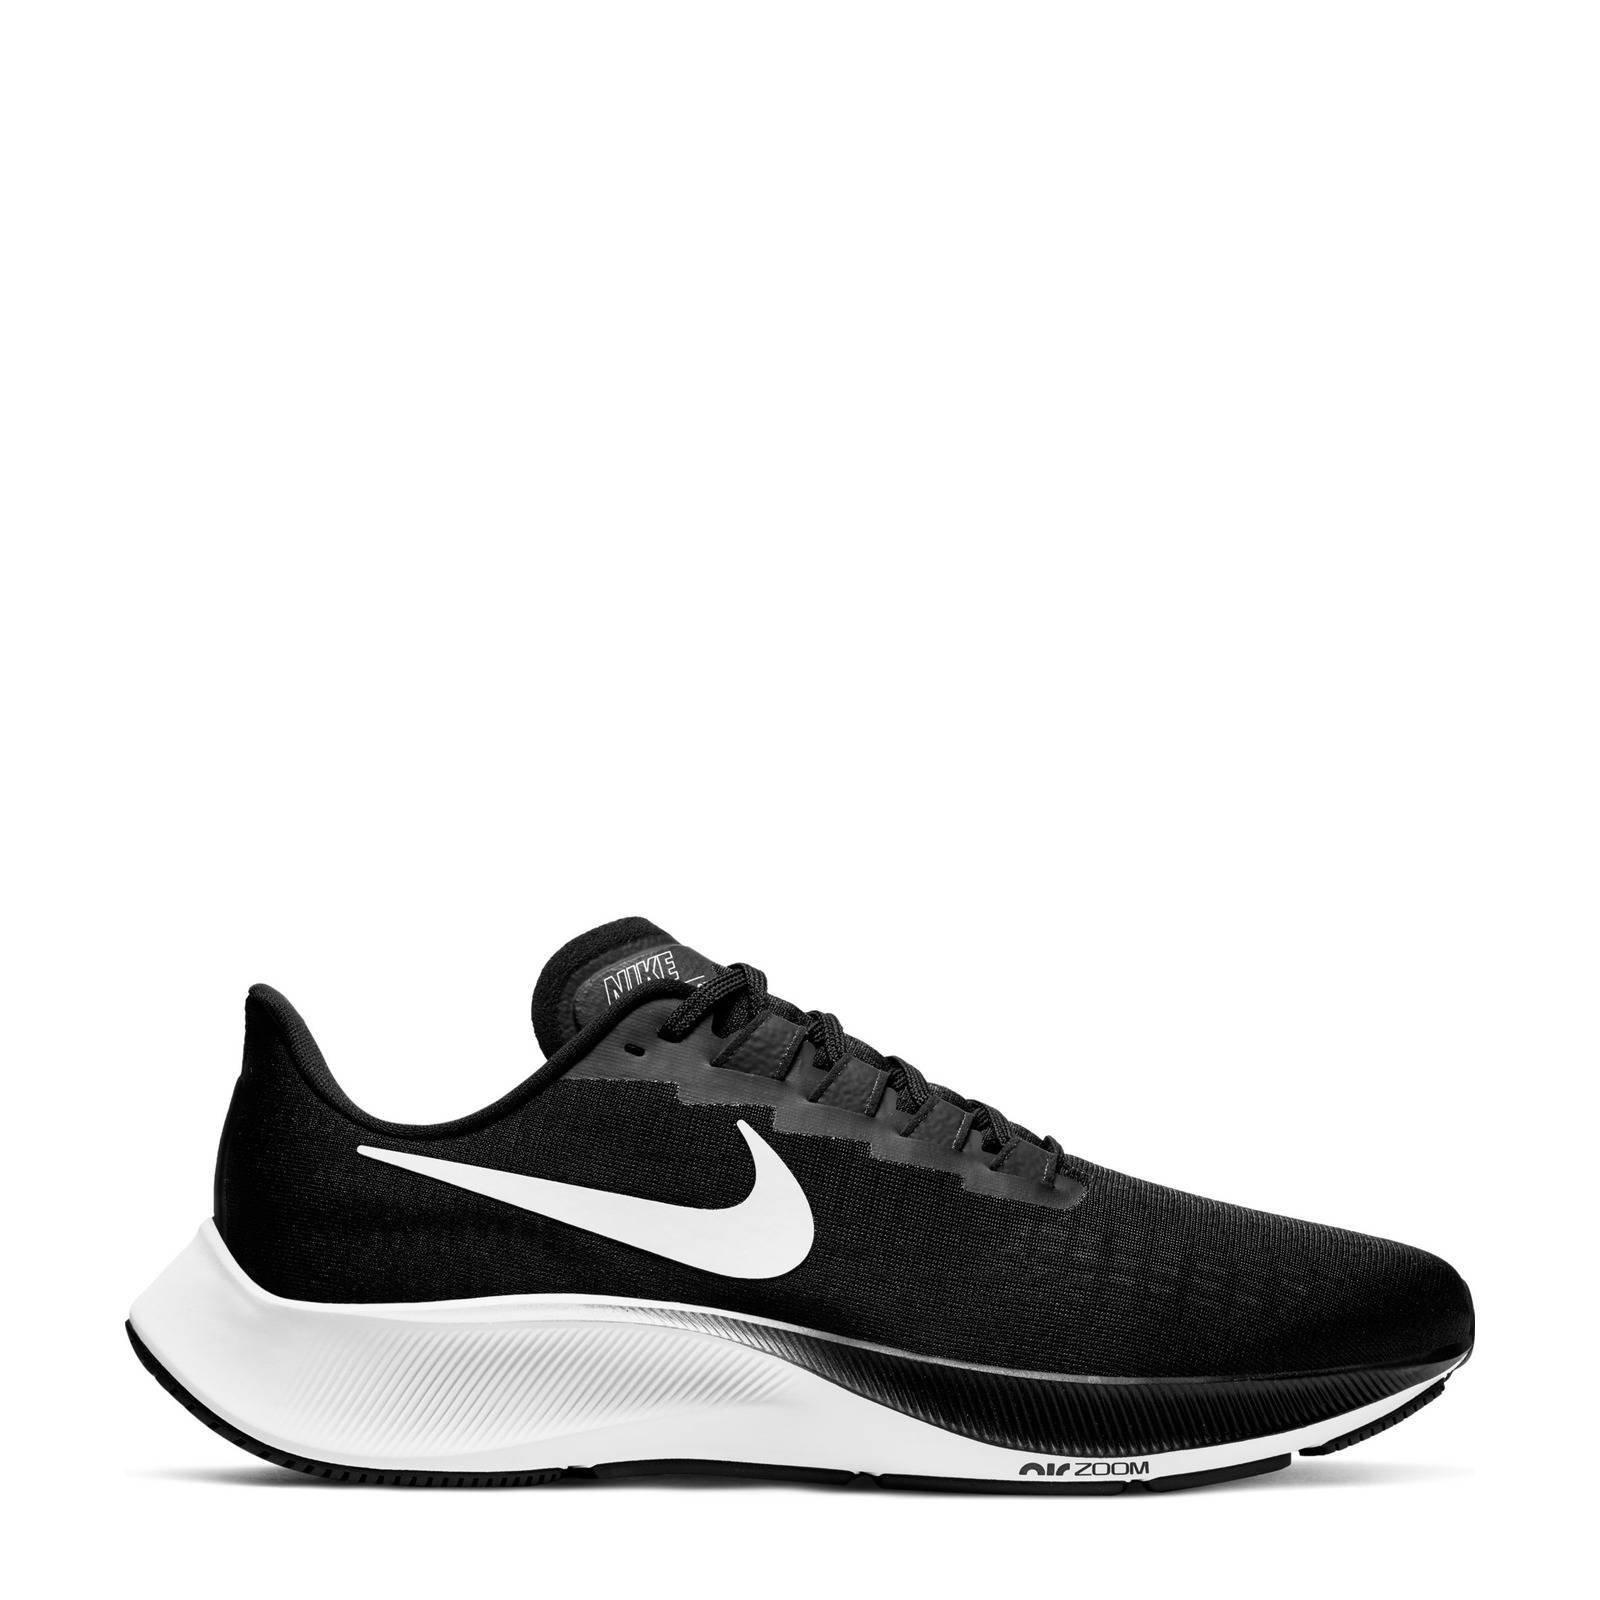 Nike Air Zoom Pegasus 37 Hardloopschoenen Heren Black/White Heren online kopen